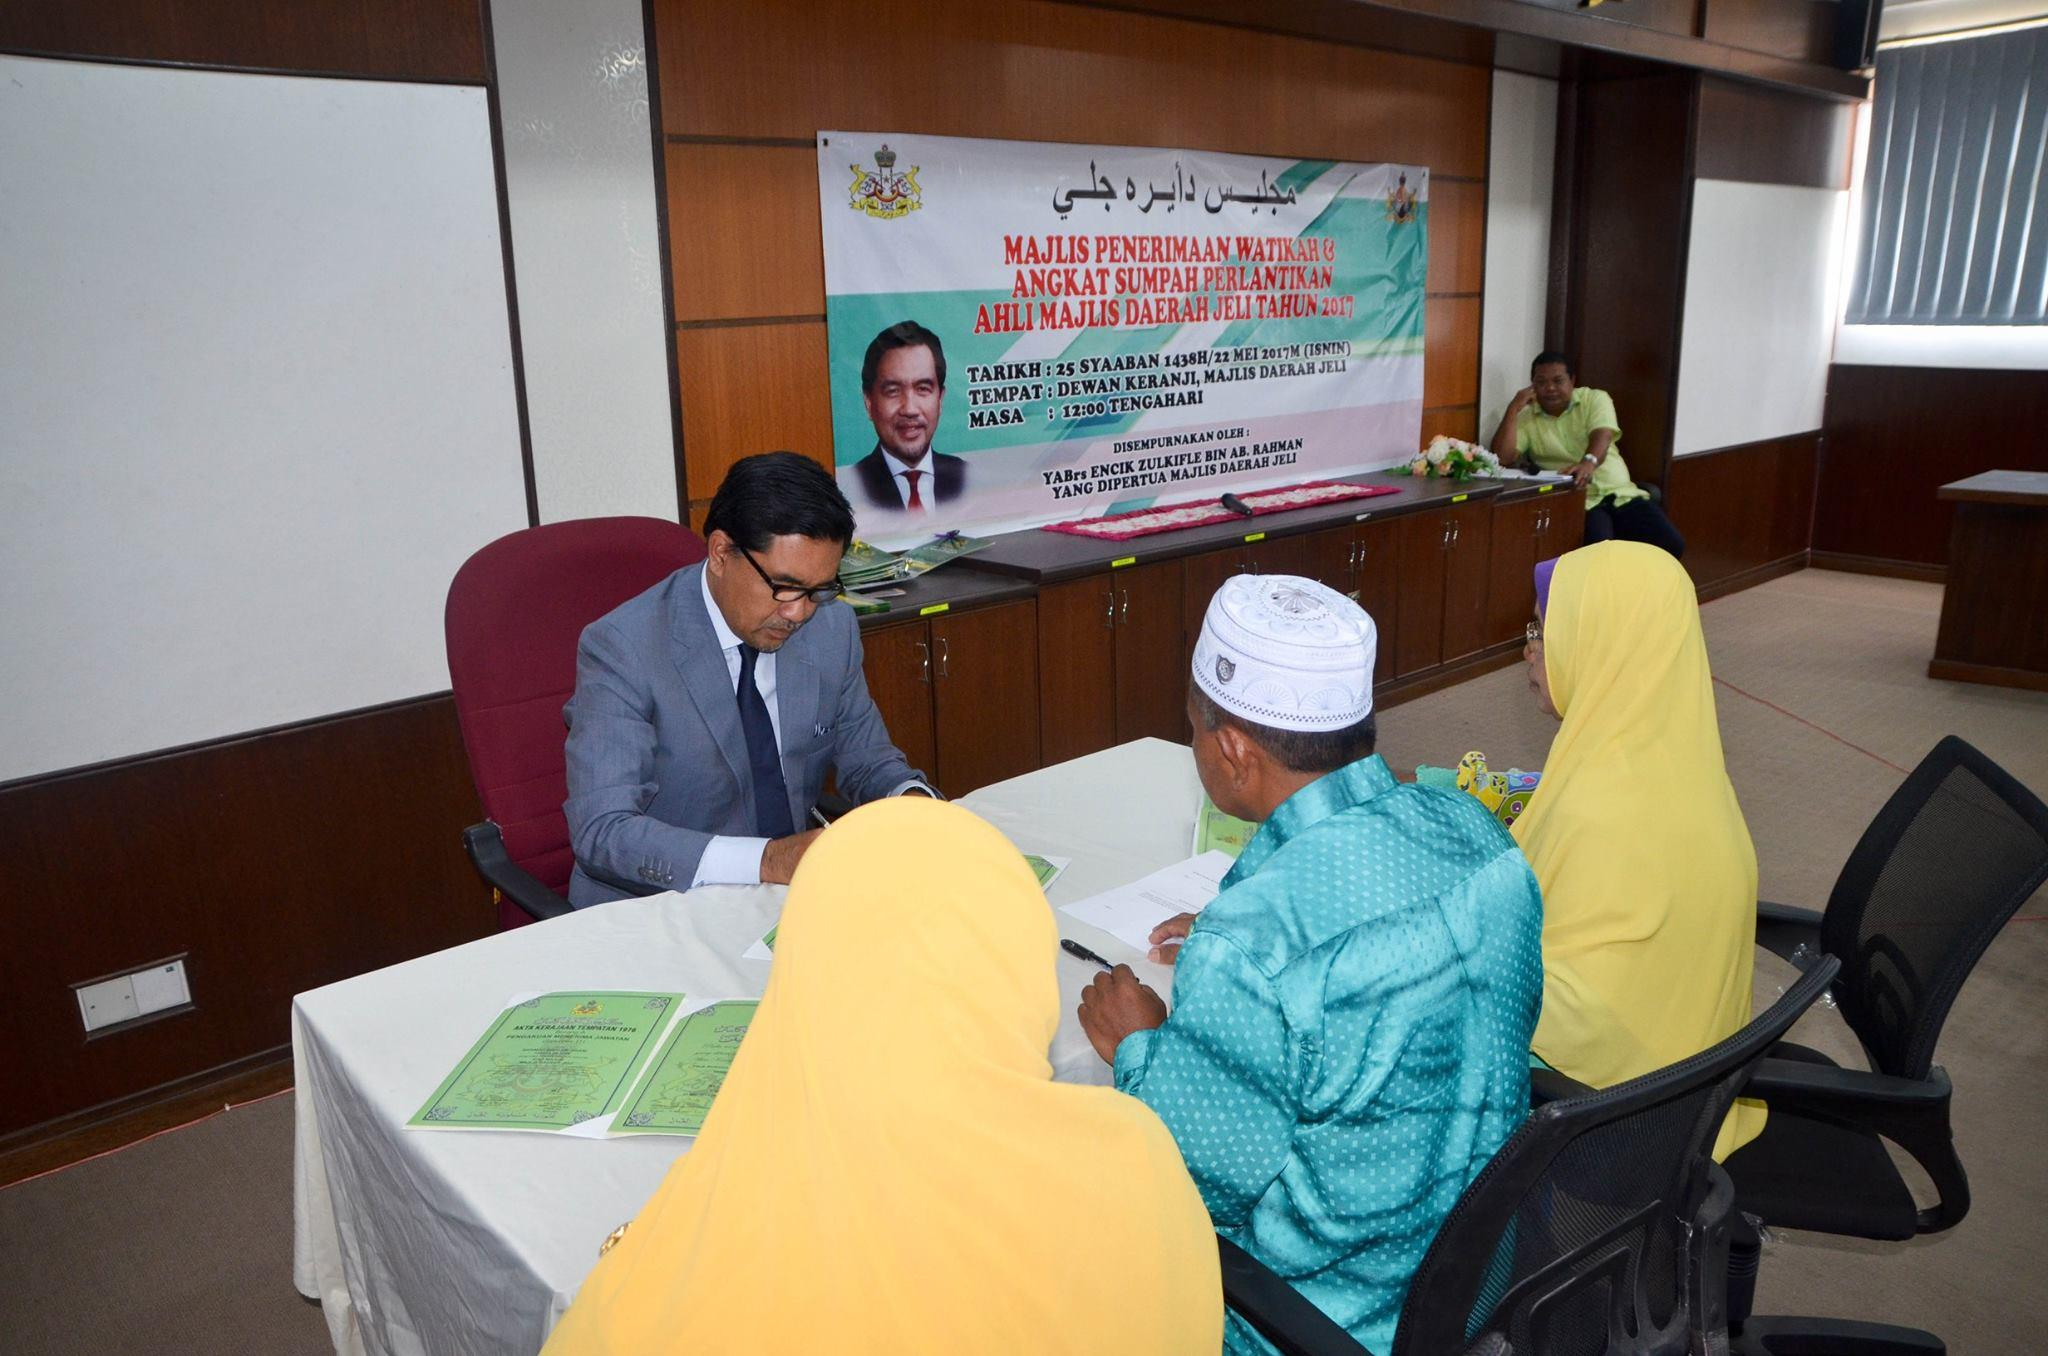 Majlis Penerimaan Watikah & Angkat Sumpah Ahli Majlis MDJ